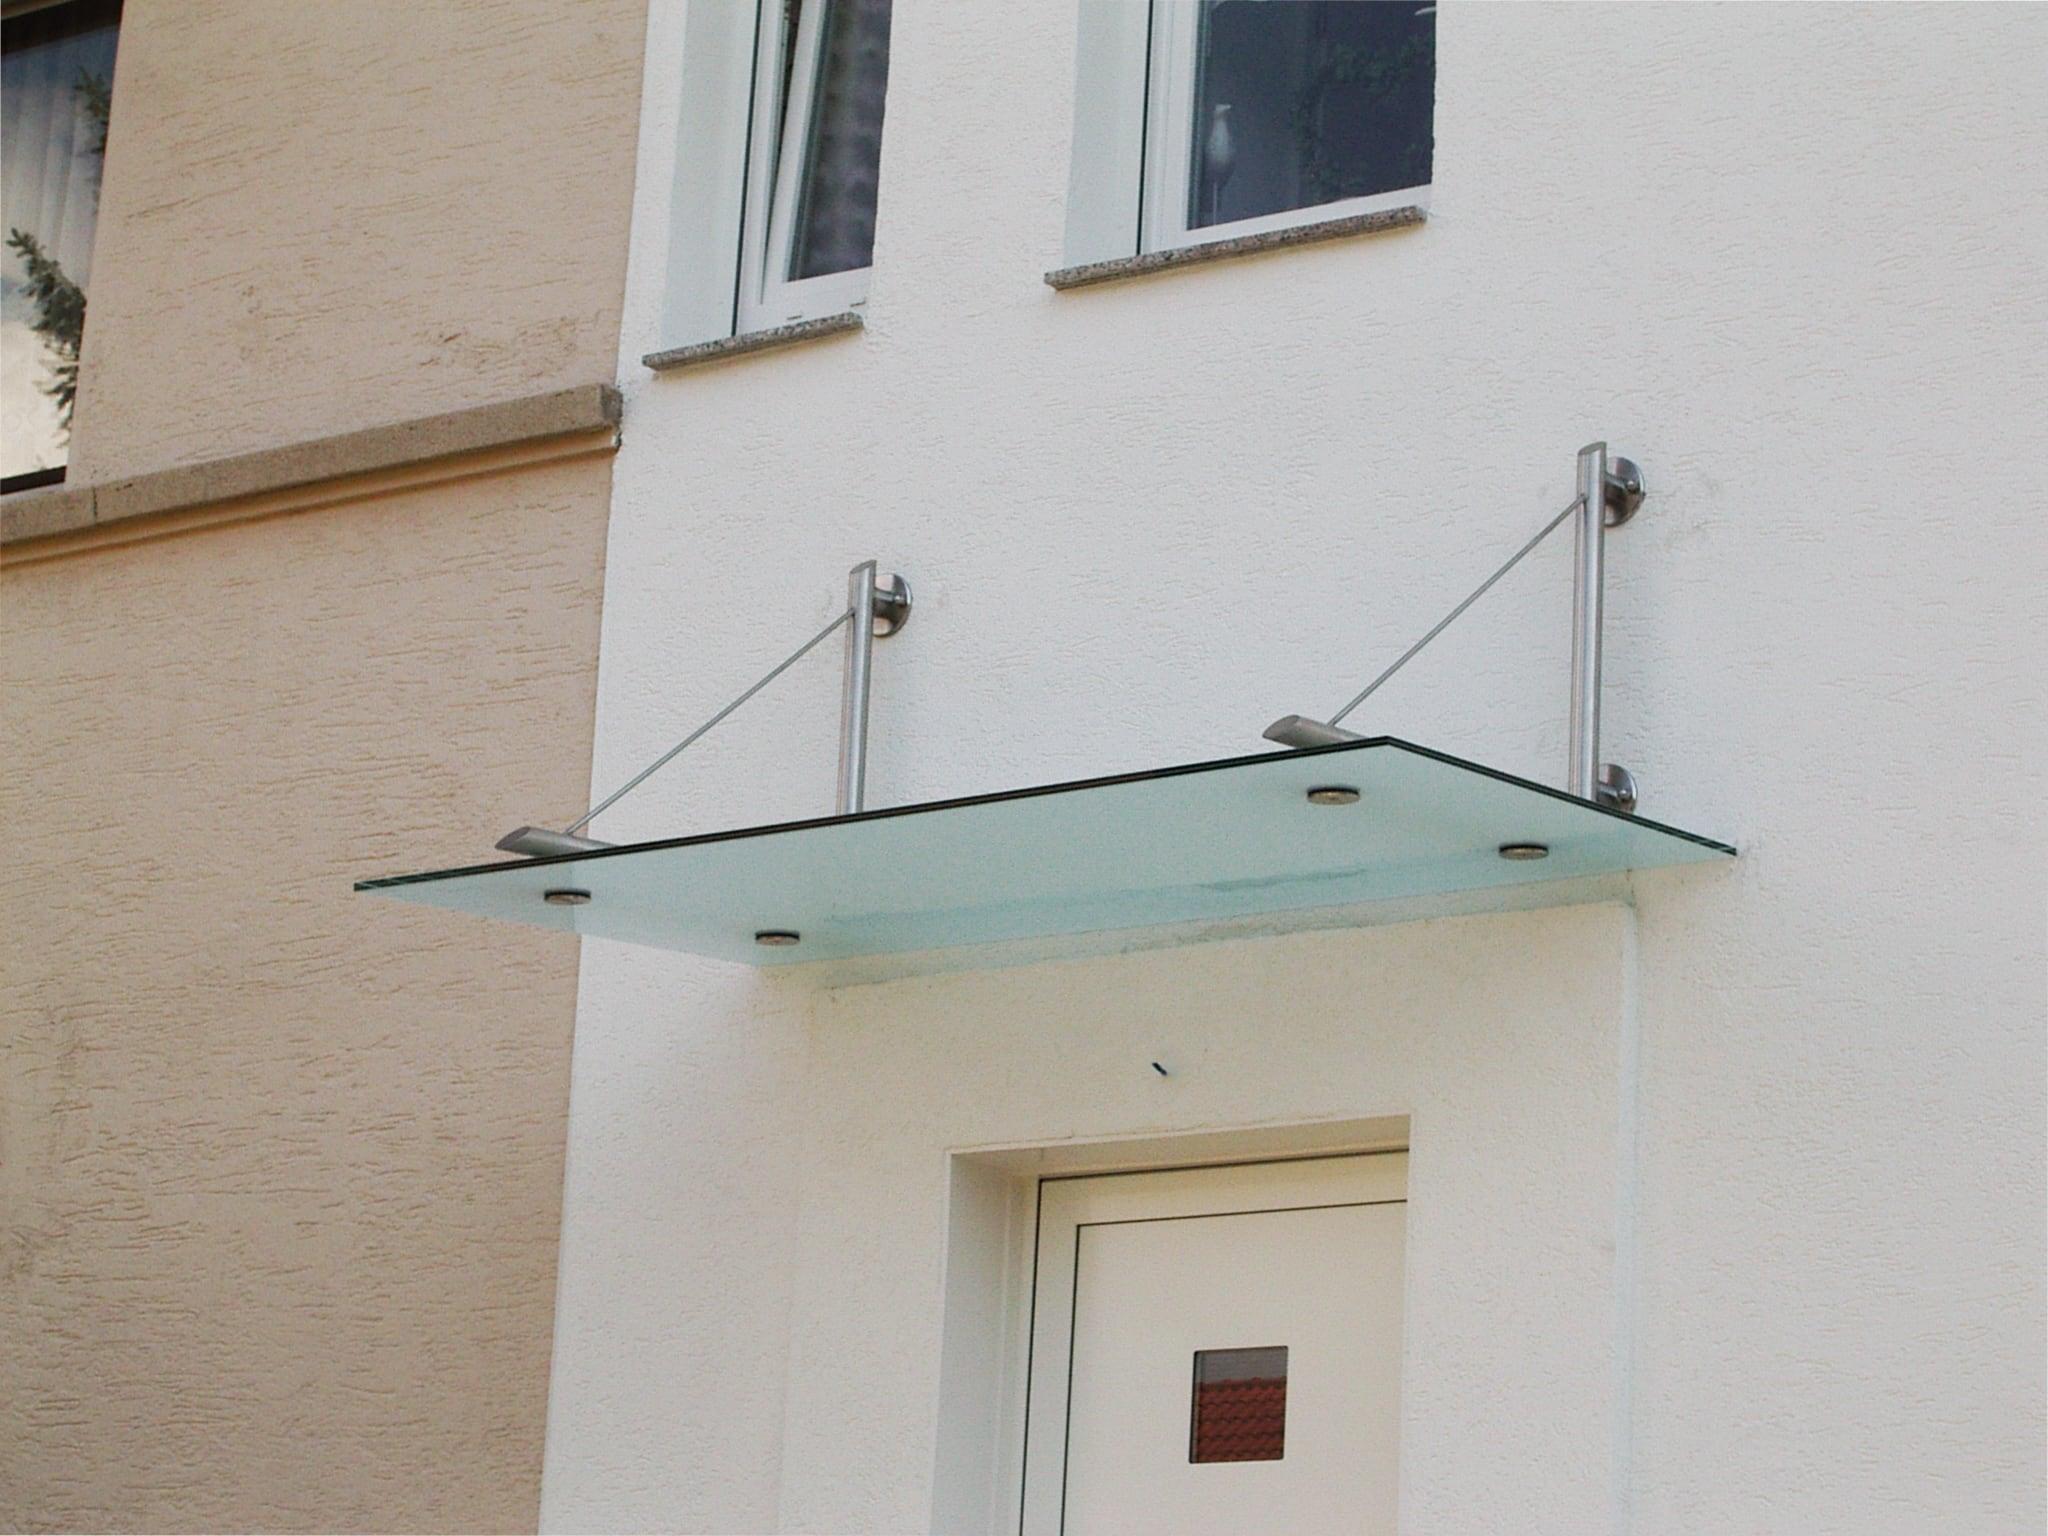 Regenschutz über Eingang